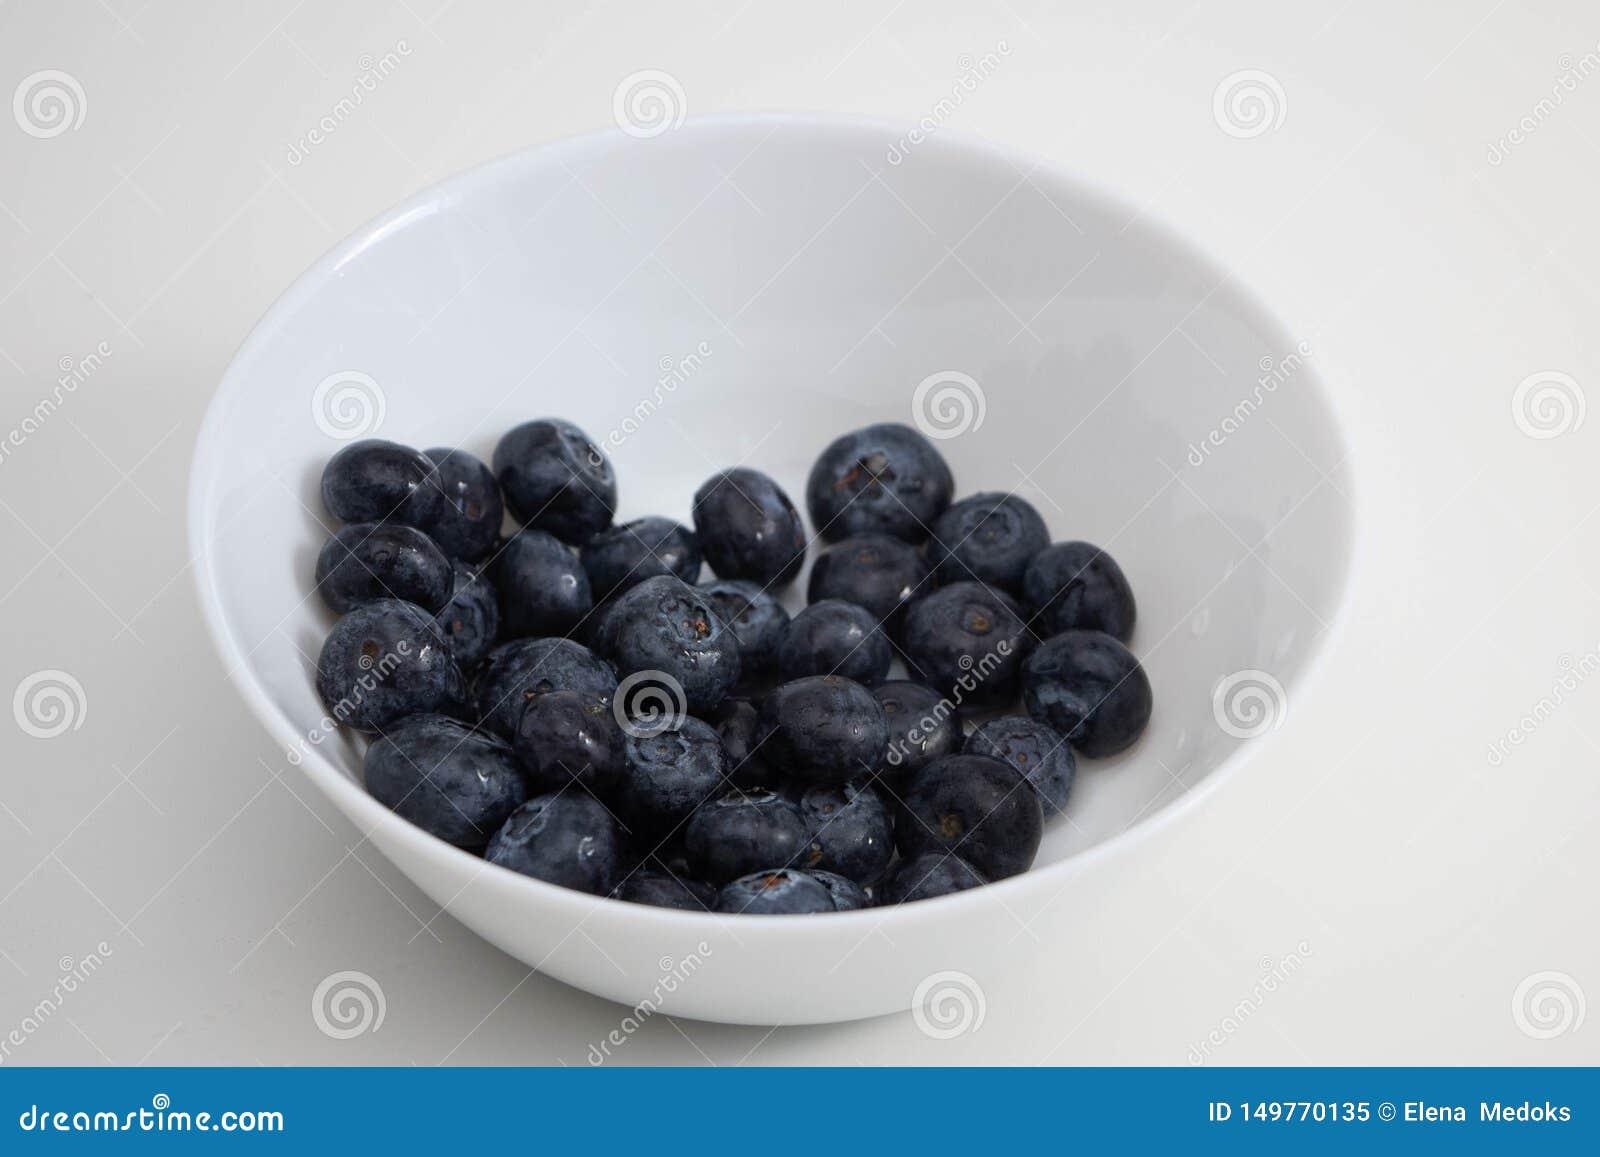 Juicy βατόμουρα σε ένα άσπρο κύπελλο, μούρα σε ένα άσπρο πιάτο σε ένα άσπρο υπόβαθρο